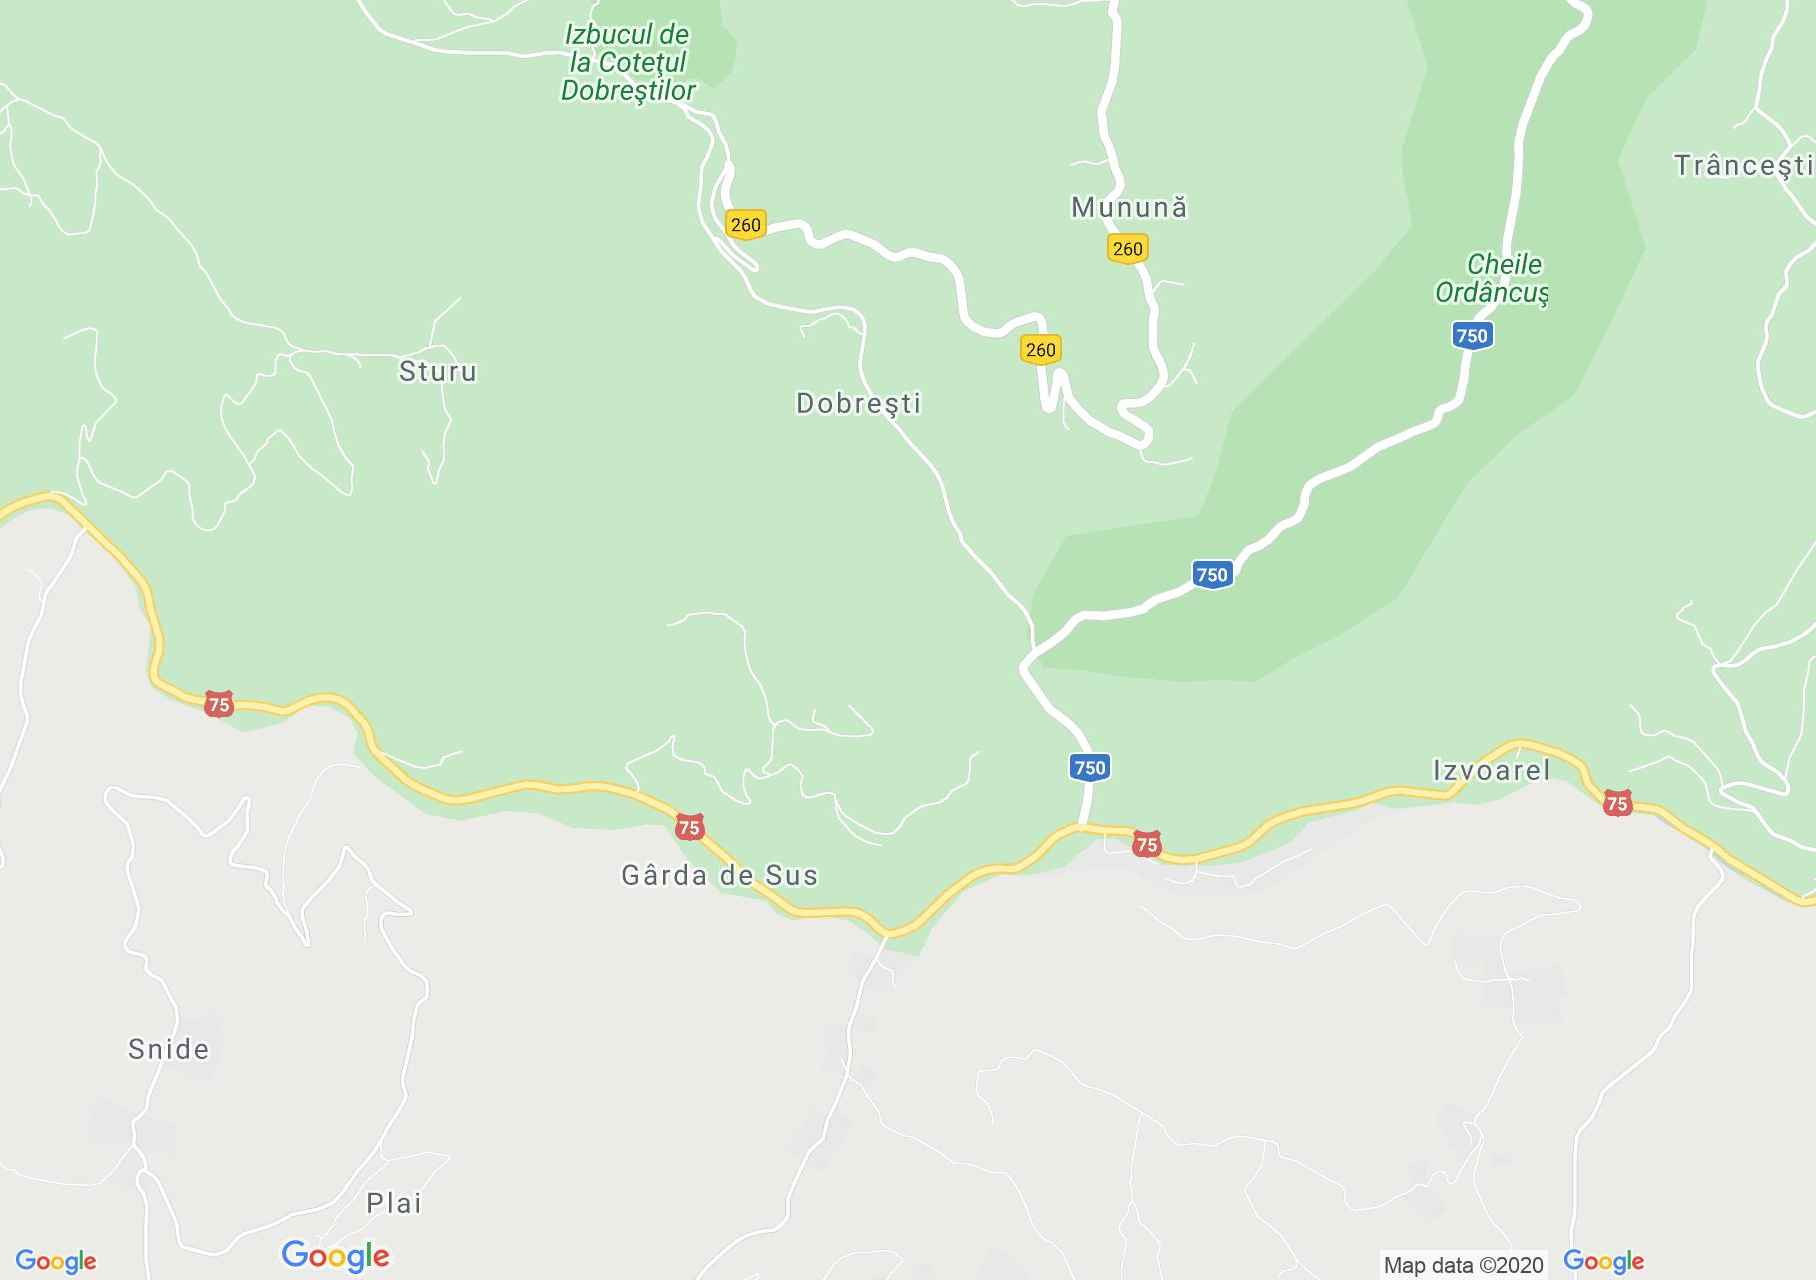 Felsőgírda interaktív turista térképe.